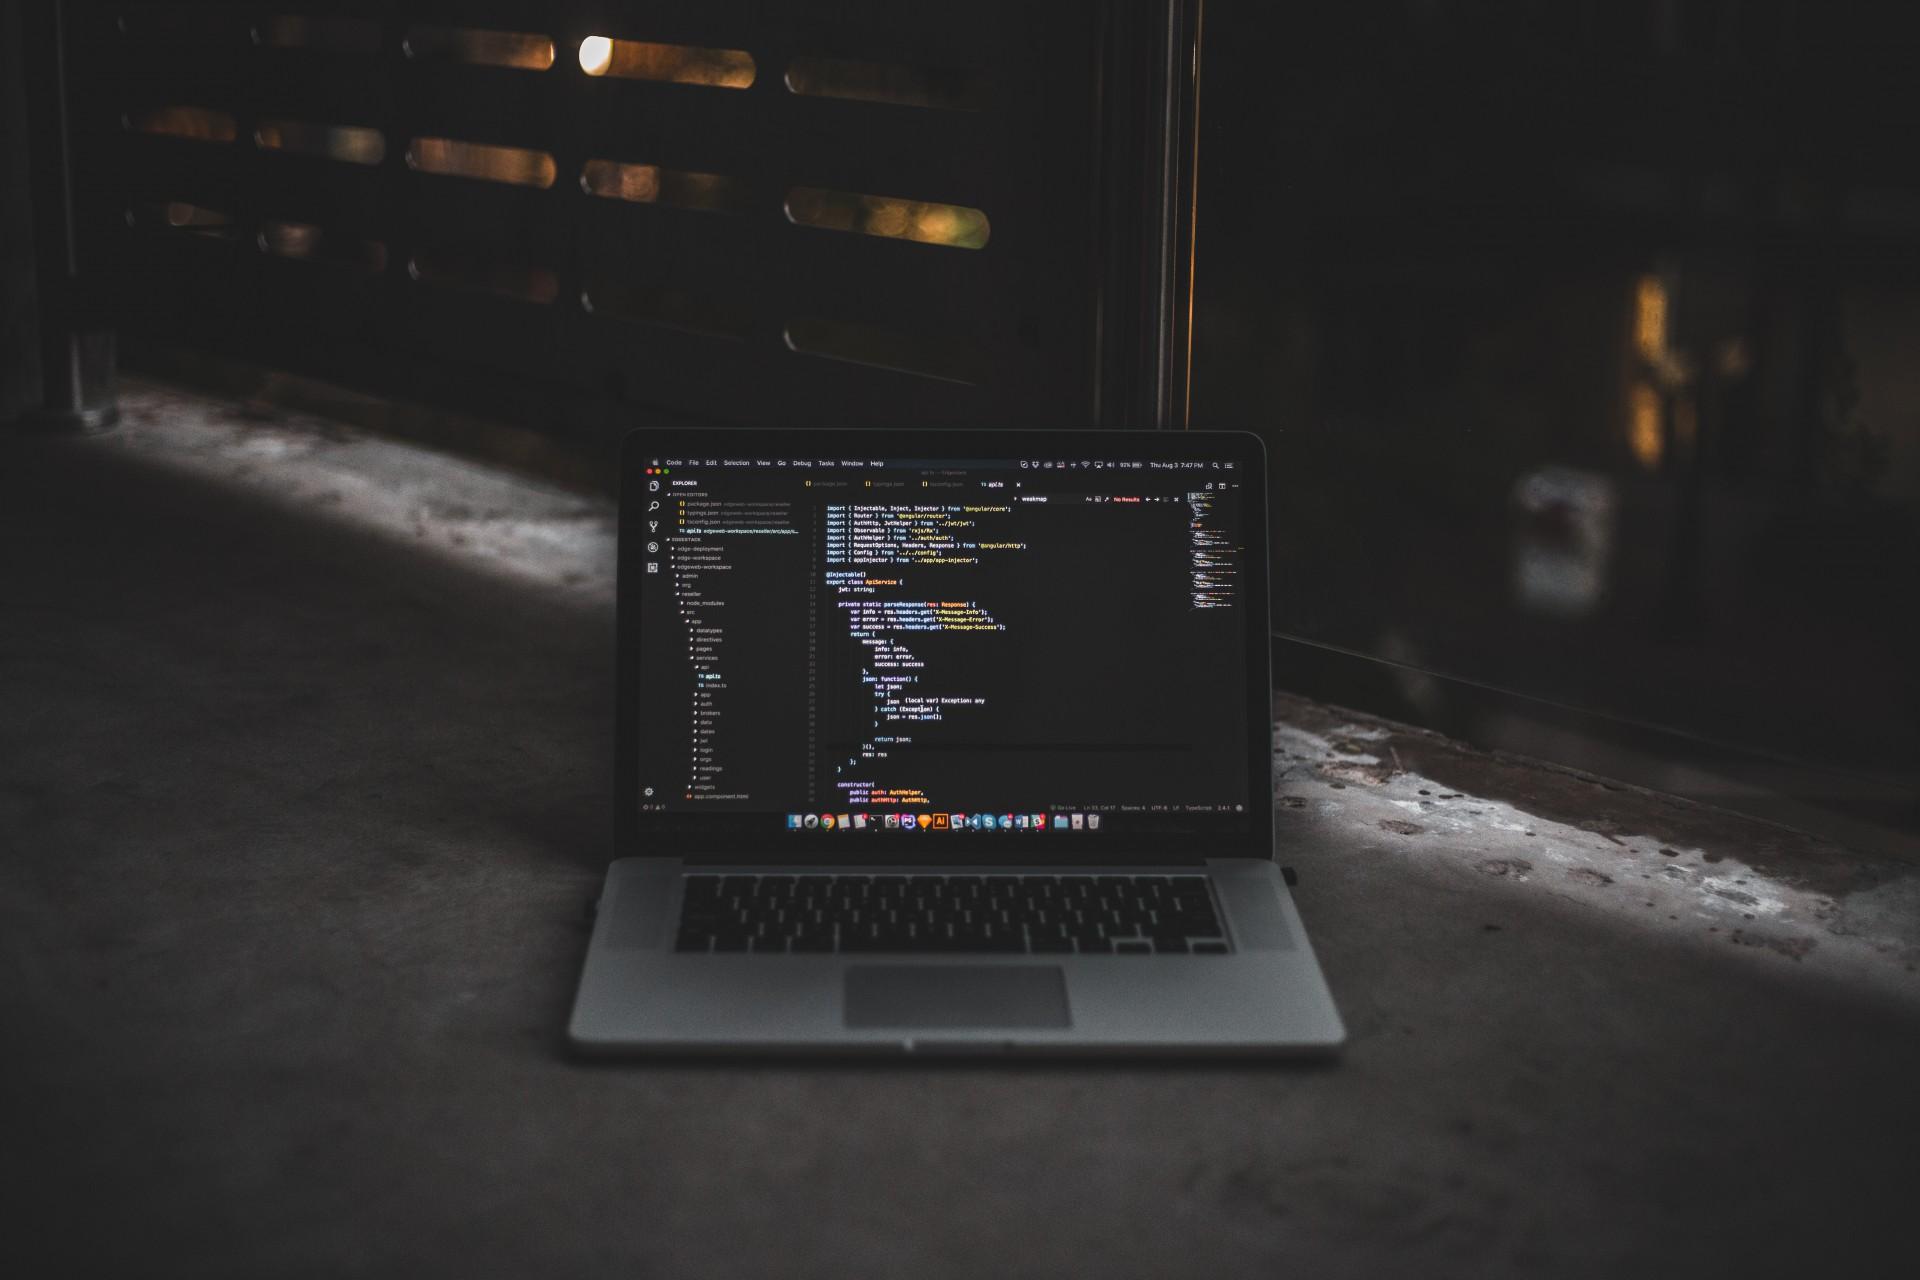 چرا از Visual Studio Code استفاده میکنیم؟!